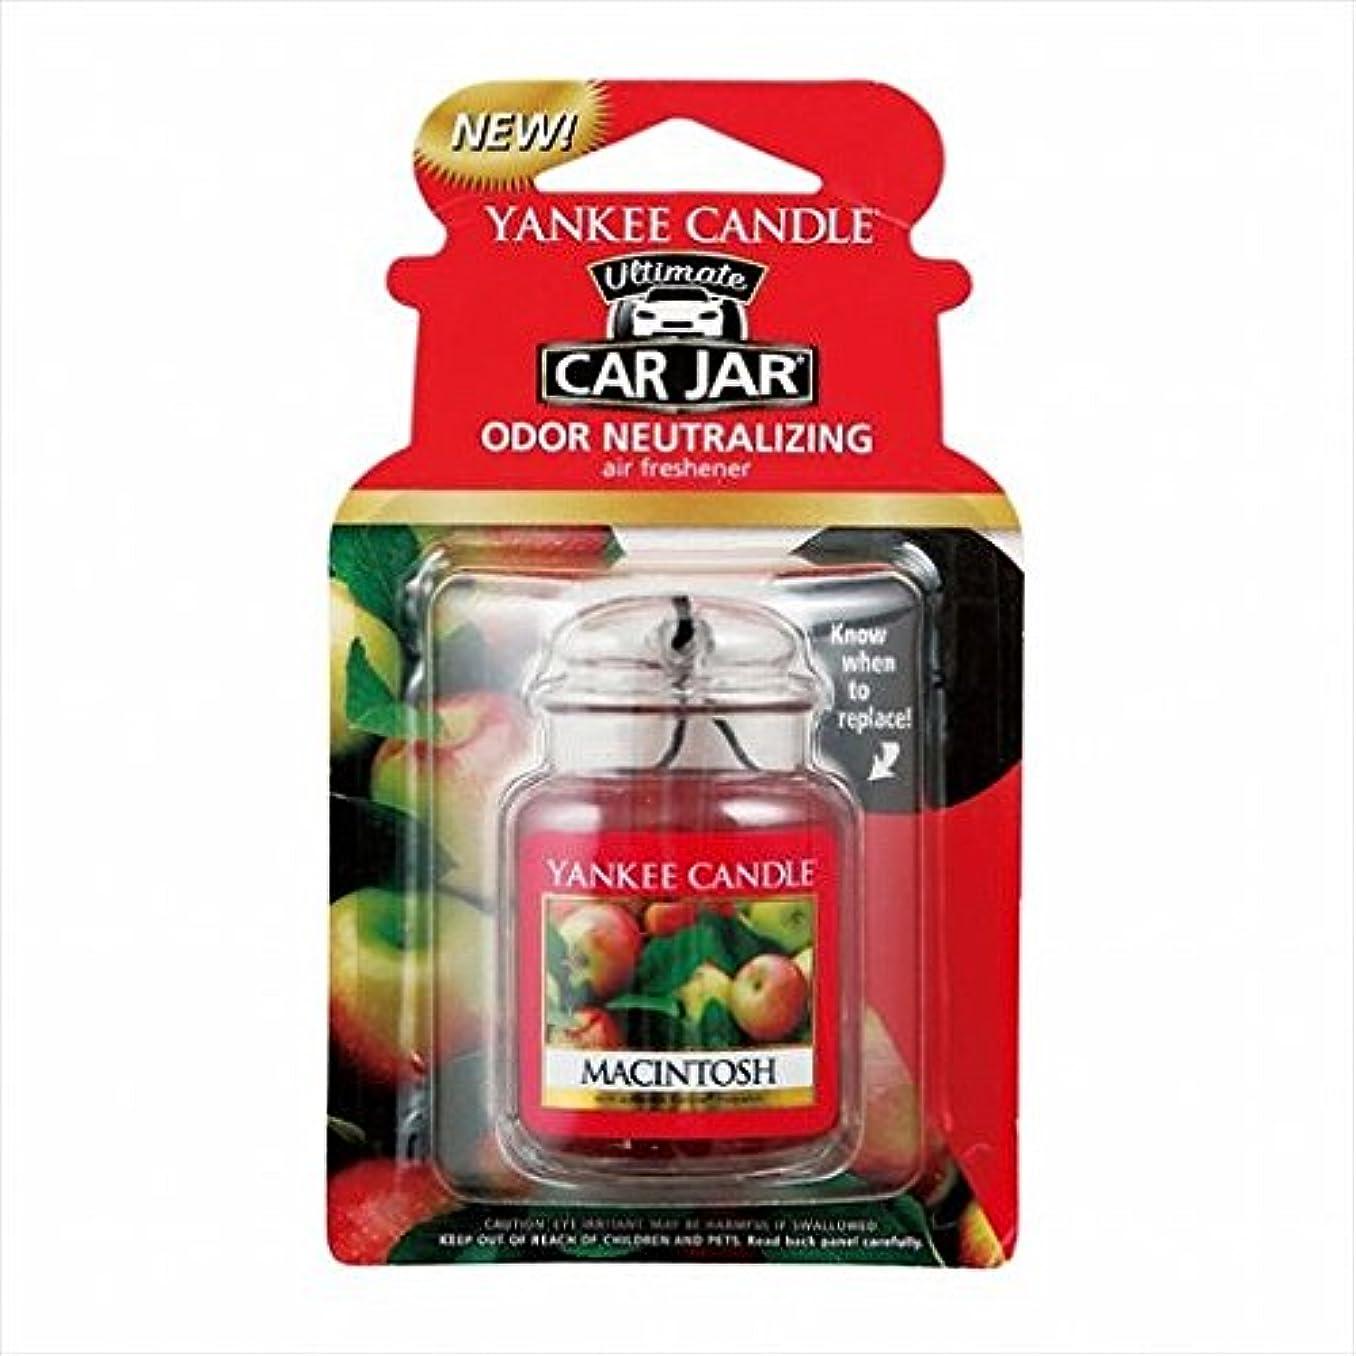 アームストロング買収ブランチカメヤマキャンドル(kameyama candle) YANKEE CANDLE ネオカージャー 「 マッキントッシュ 」